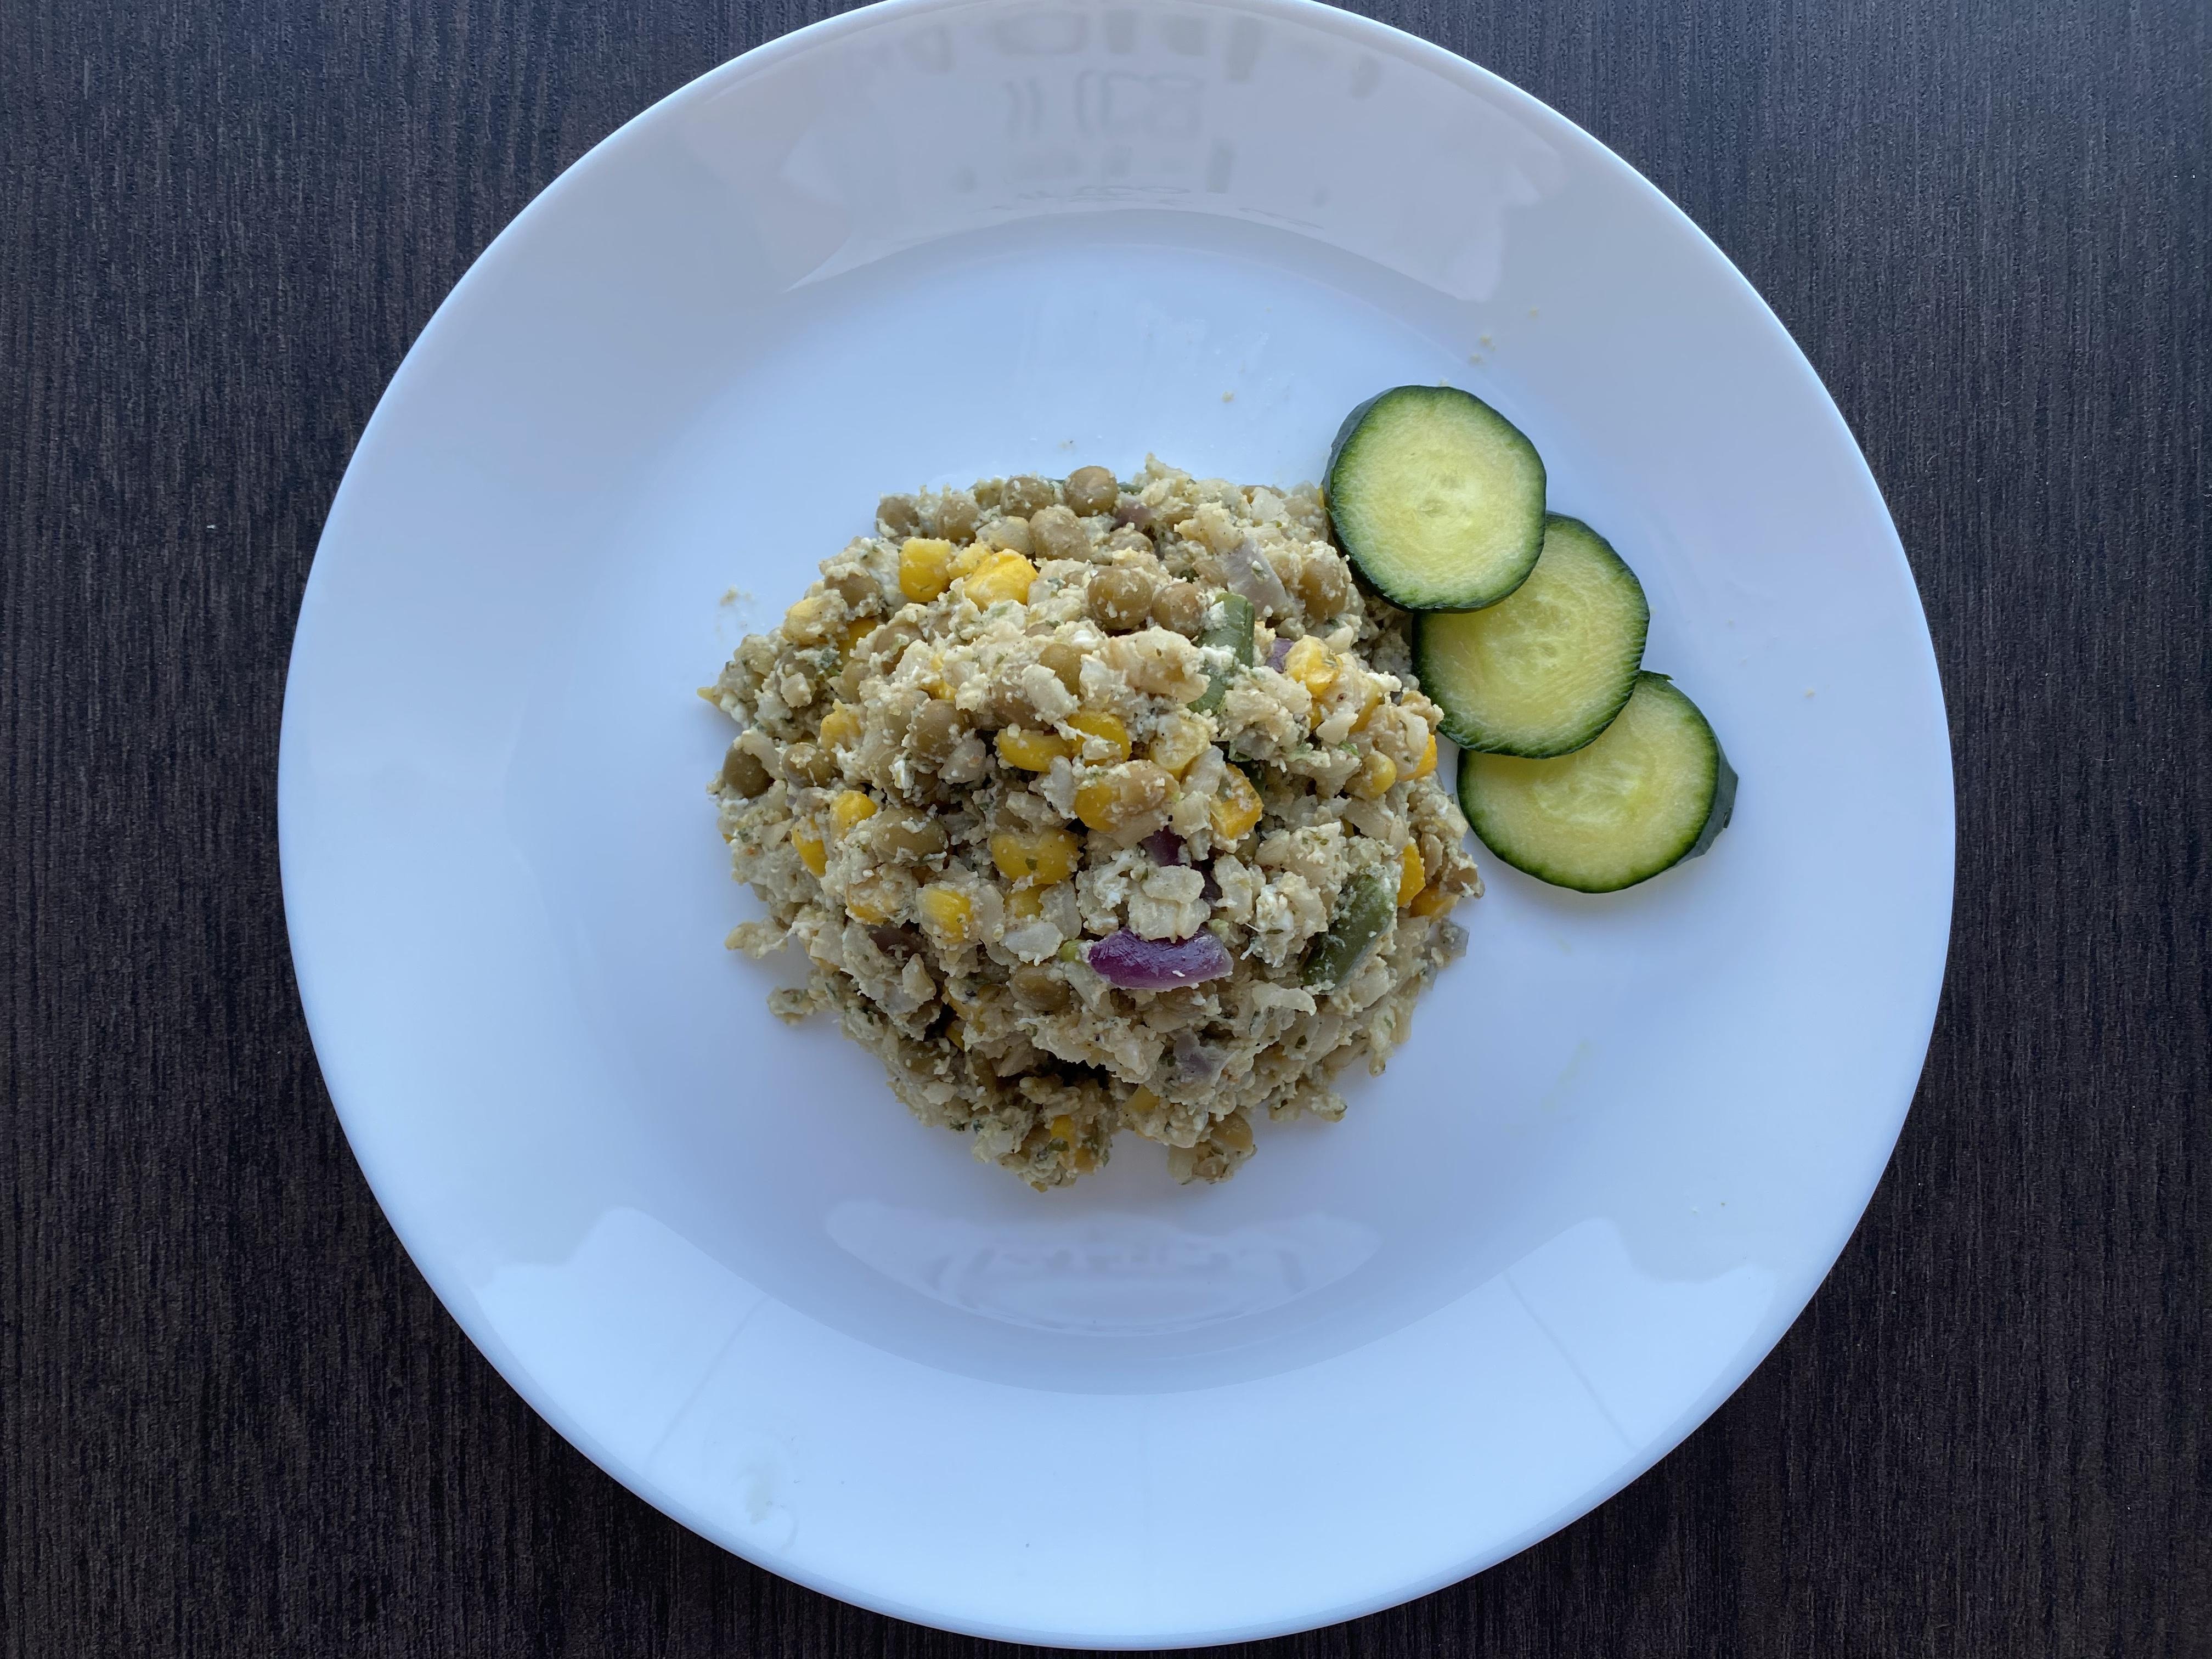 Zöldséges, tojásos barna rizs